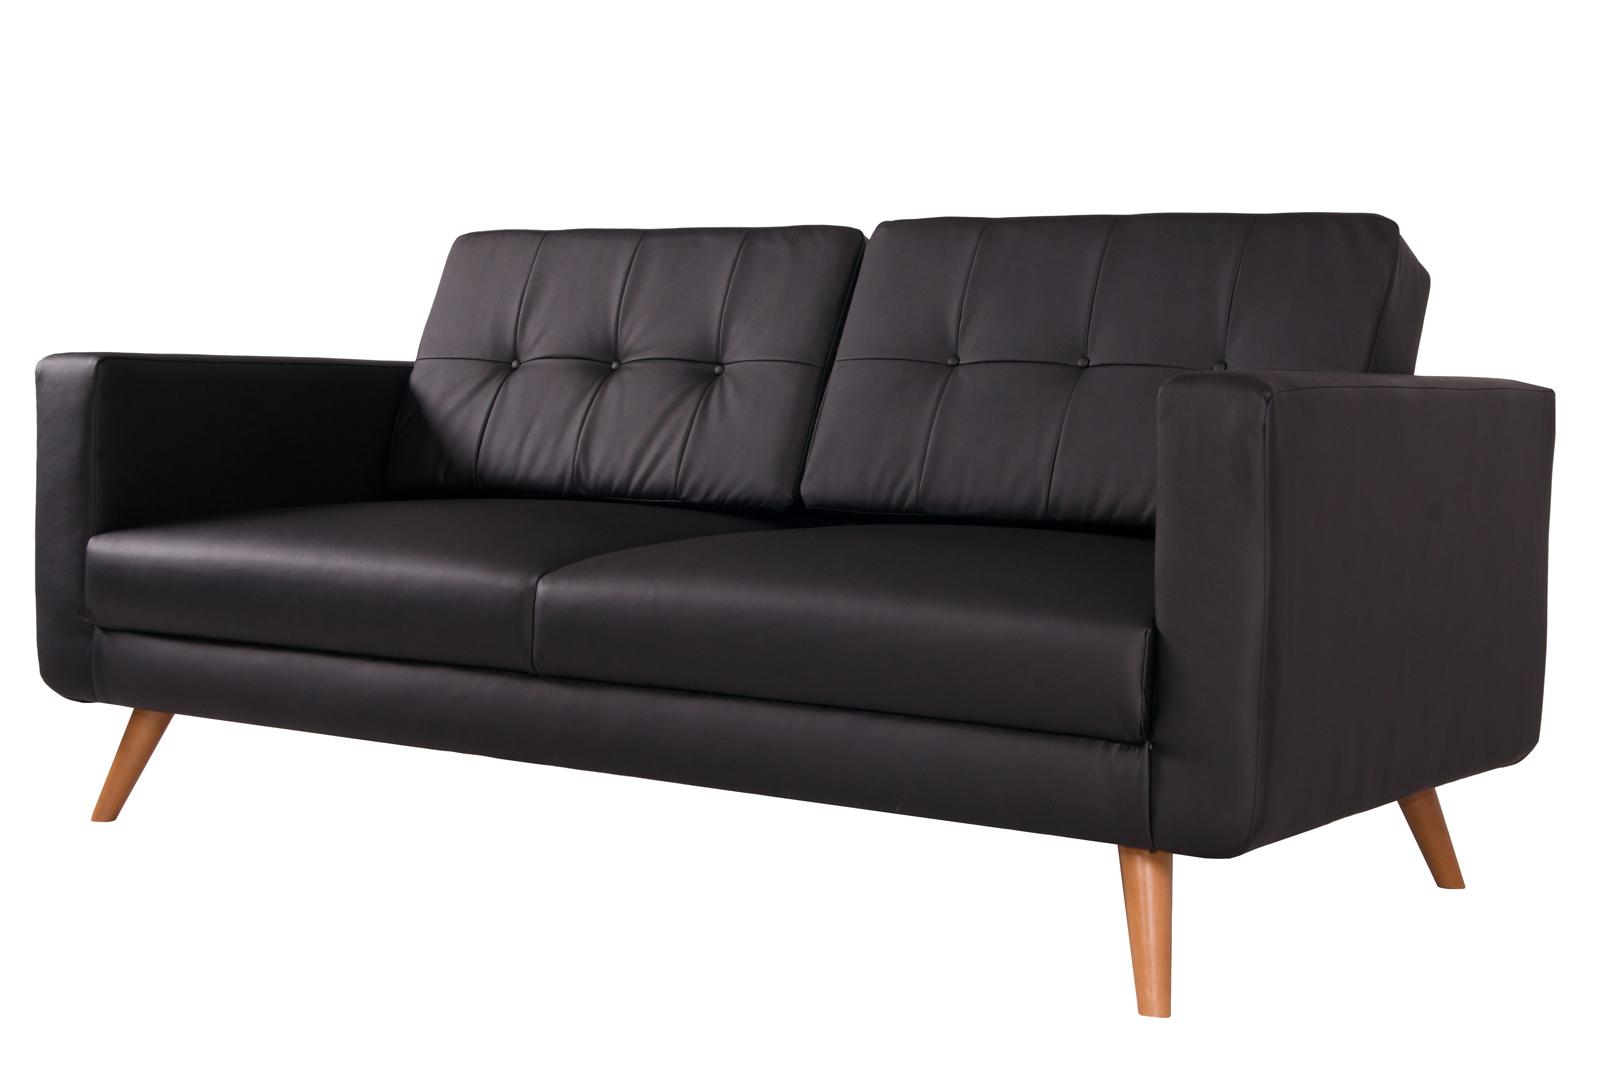 canap fixe 3 places contemporain en pu noir tebessa. Black Bedroom Furniture Sets. Home Design Ideas